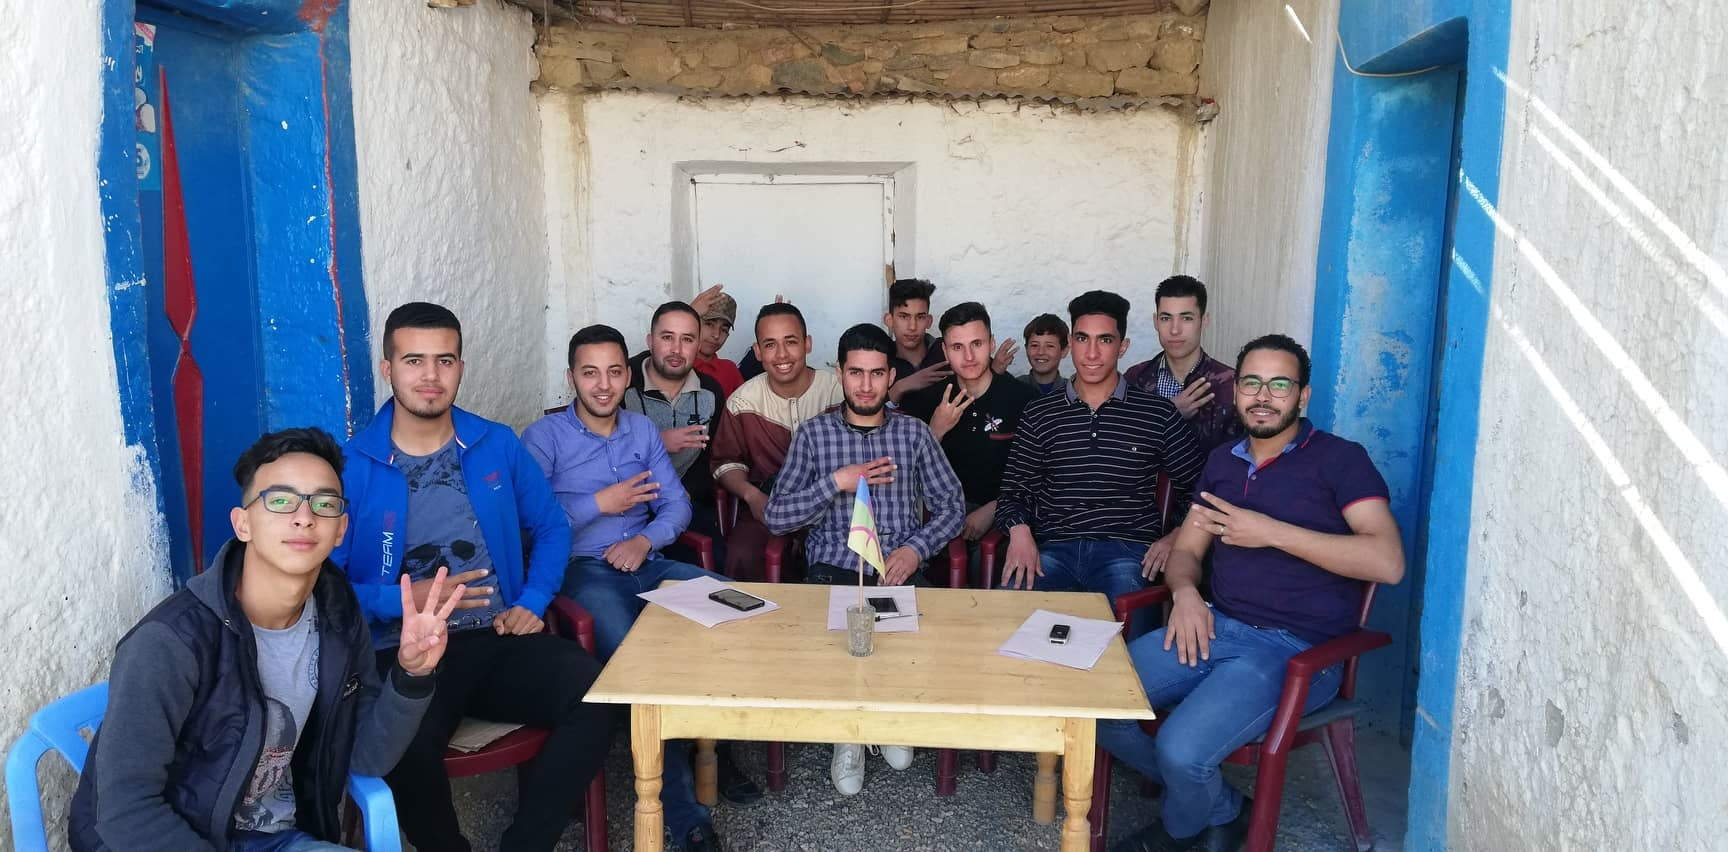 """جمعية أزغار.. مولود جديد يعزز العمل الجمعوي بجماعة """"اتسافت"""" بالدريوش"""